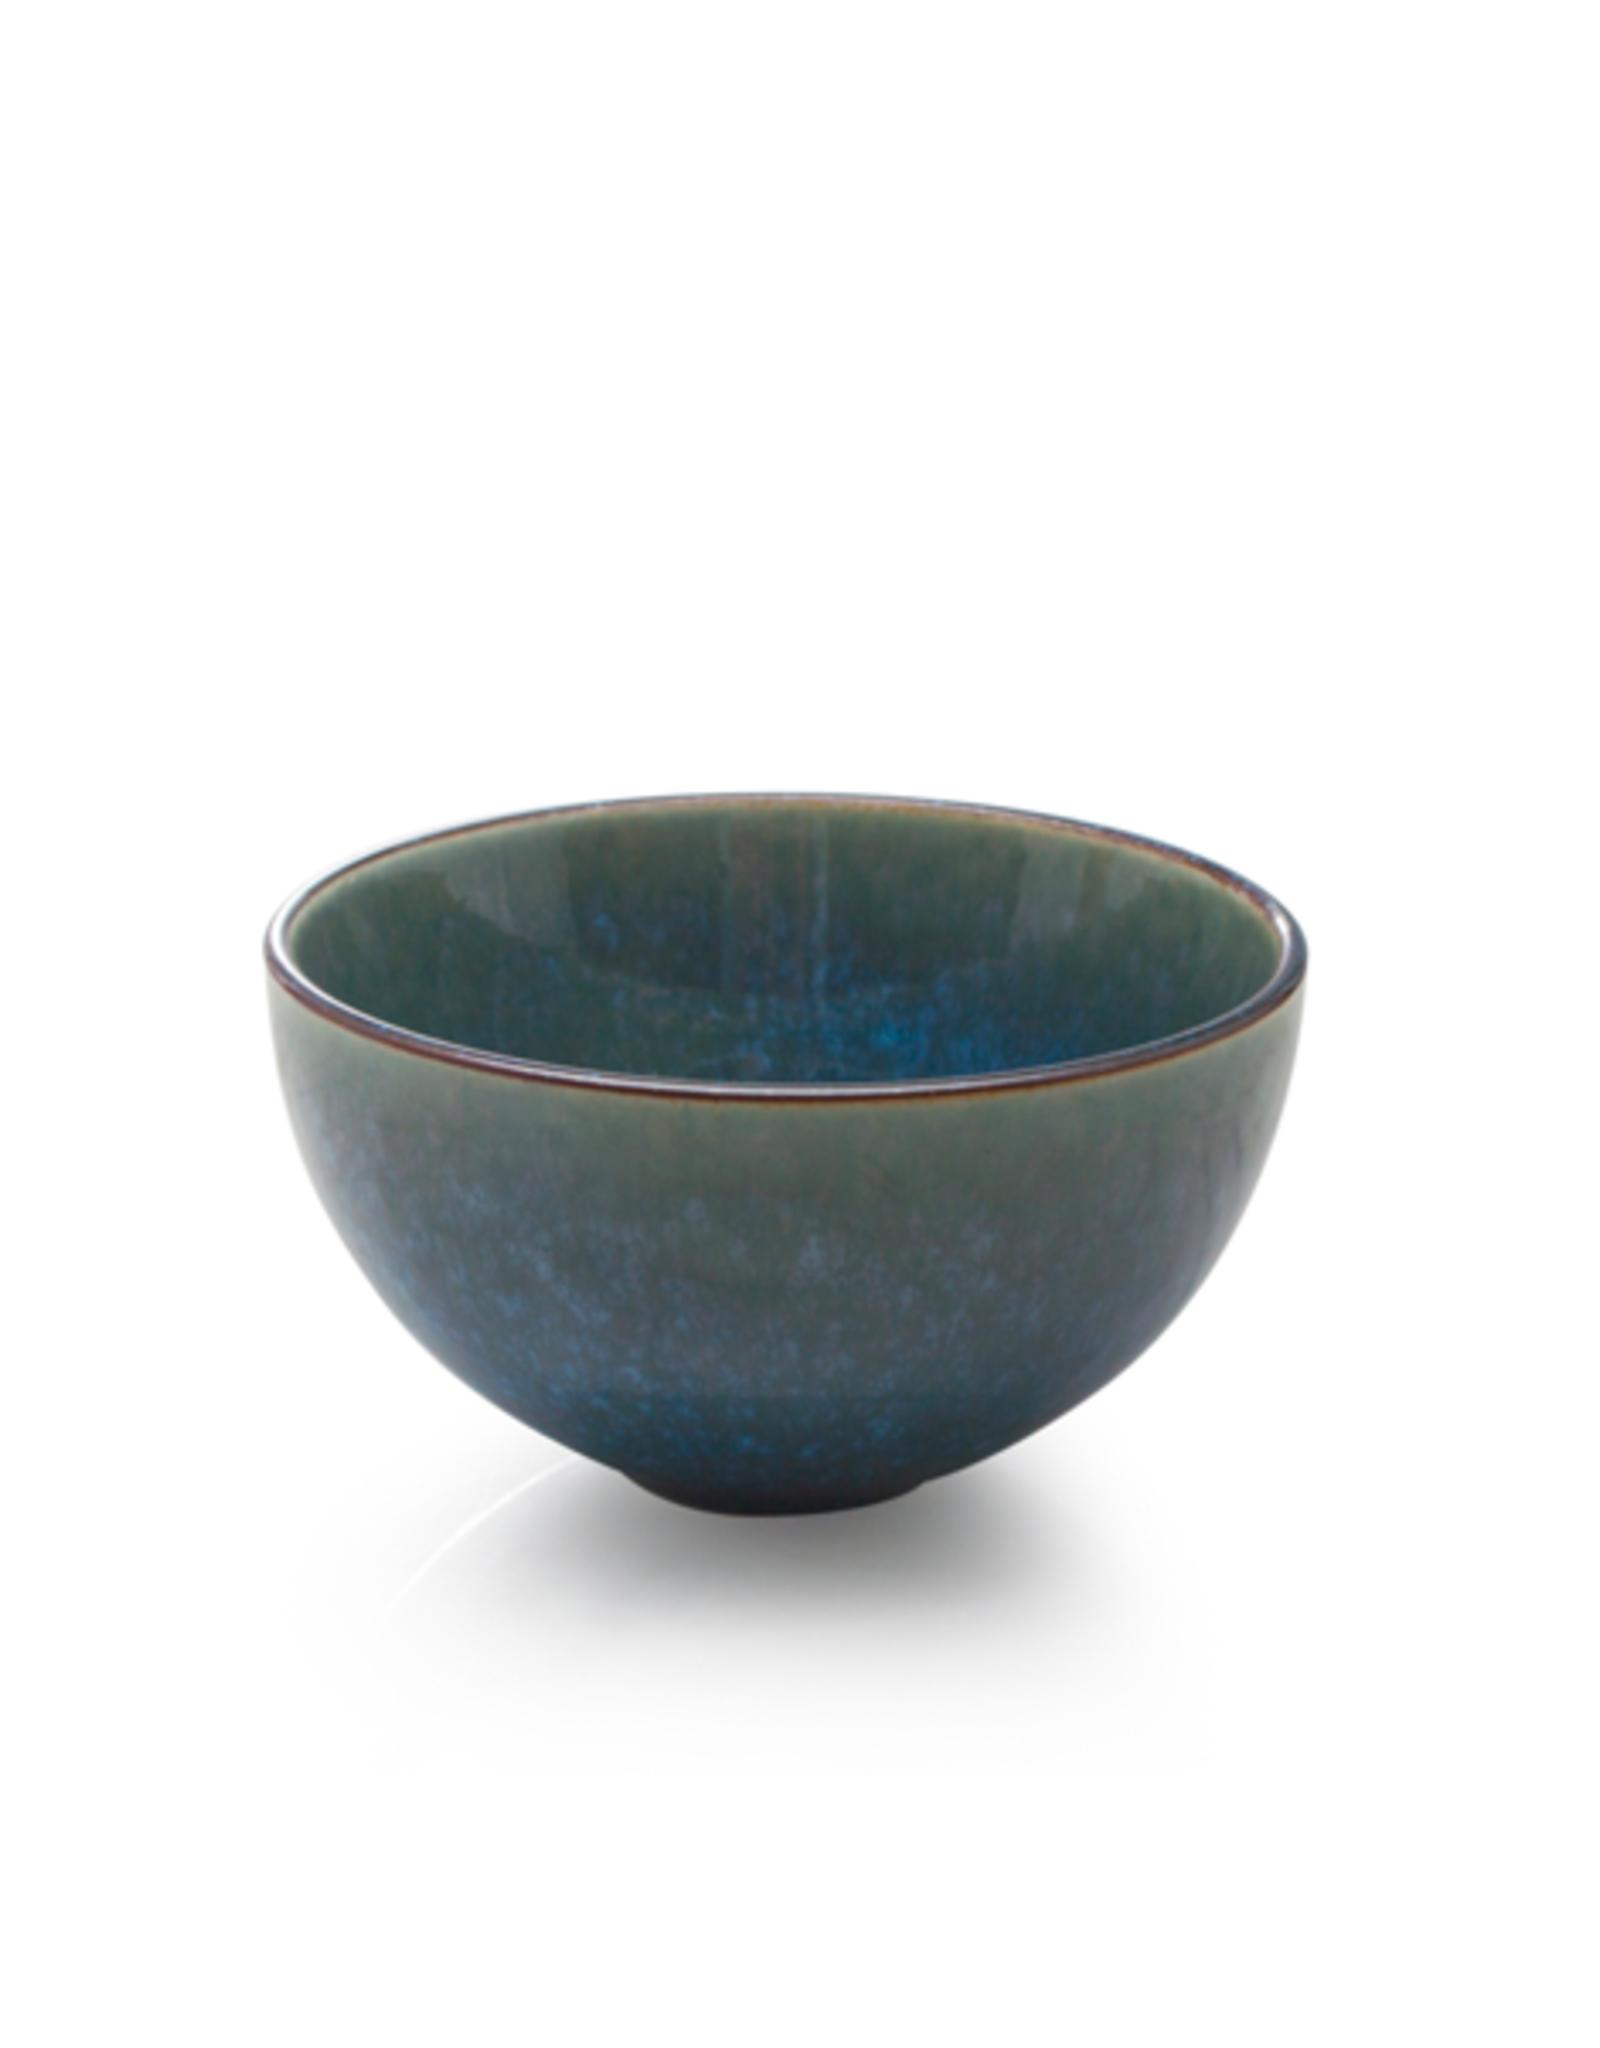 DCO - Bowl / Reactive Glaze, Teal/ 10 oz